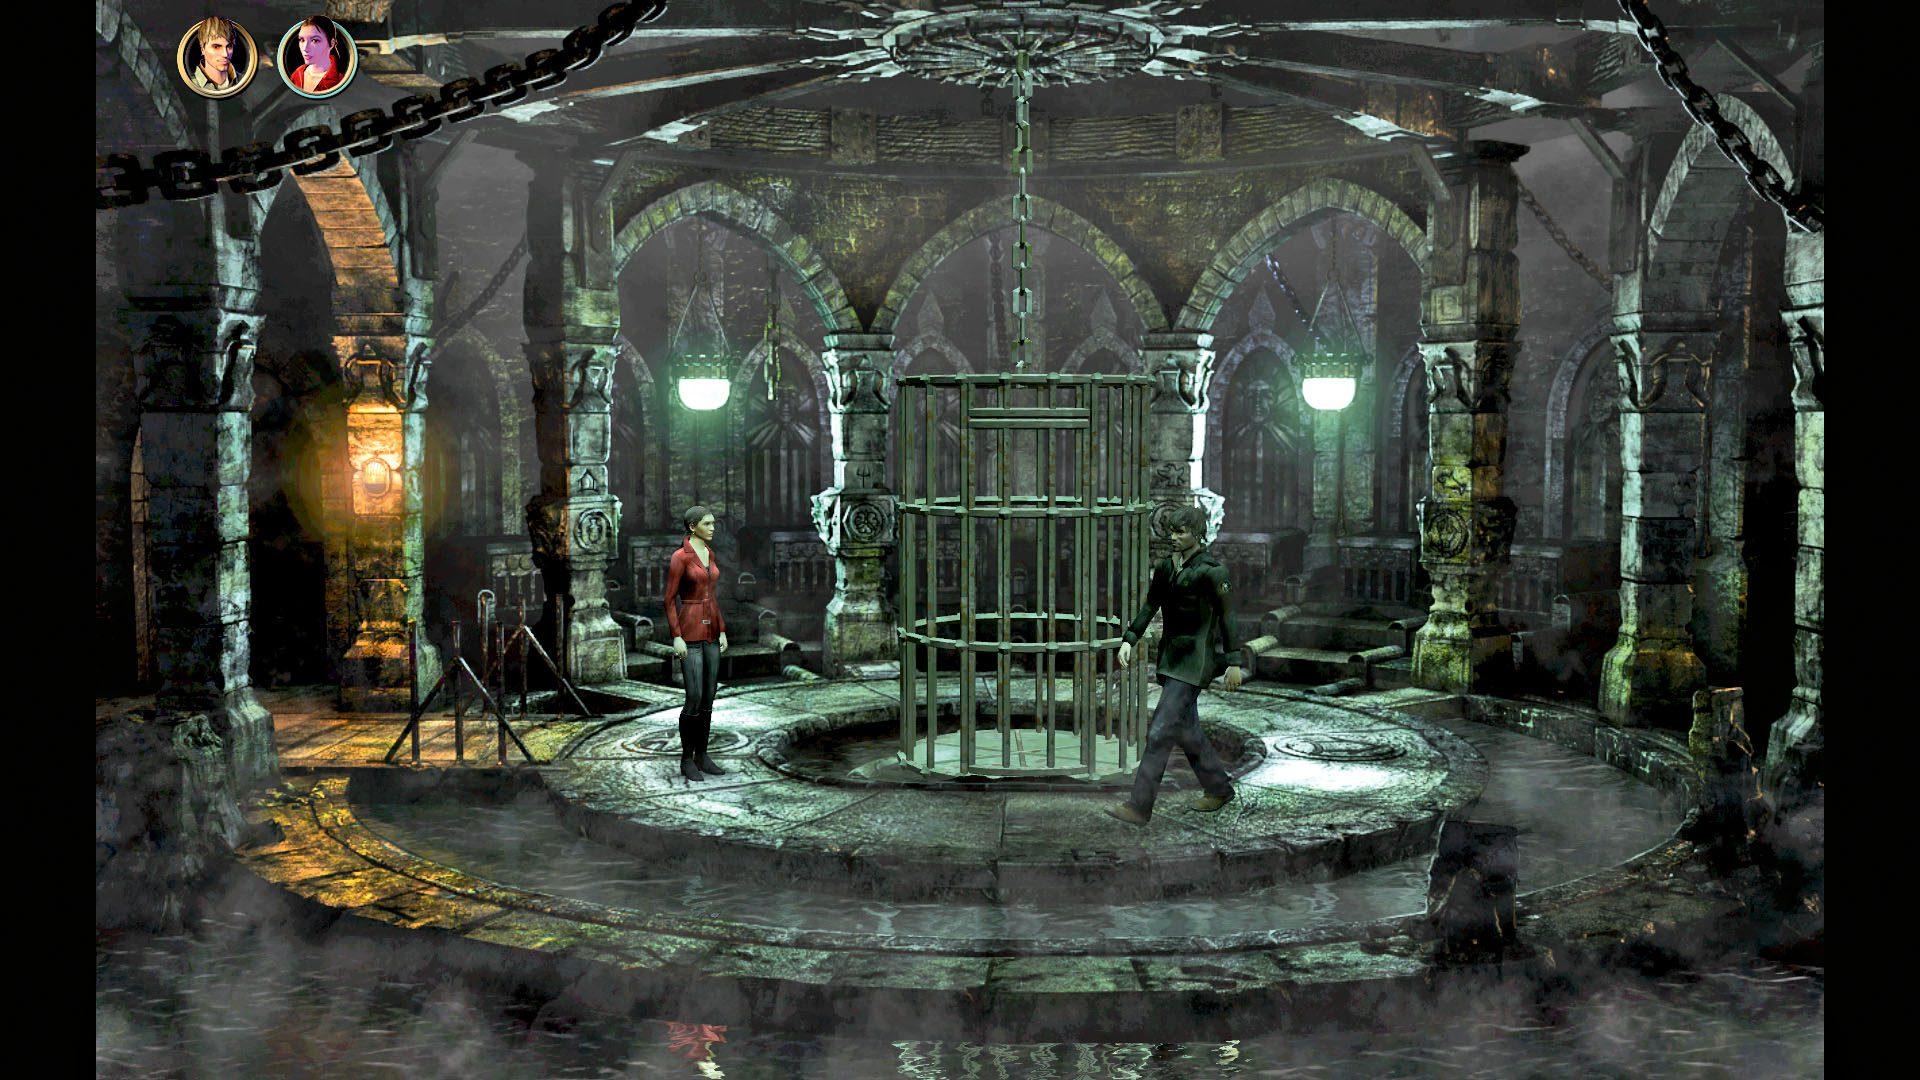 La maledizione del castello 1997 full vintage movie - 3 part 9